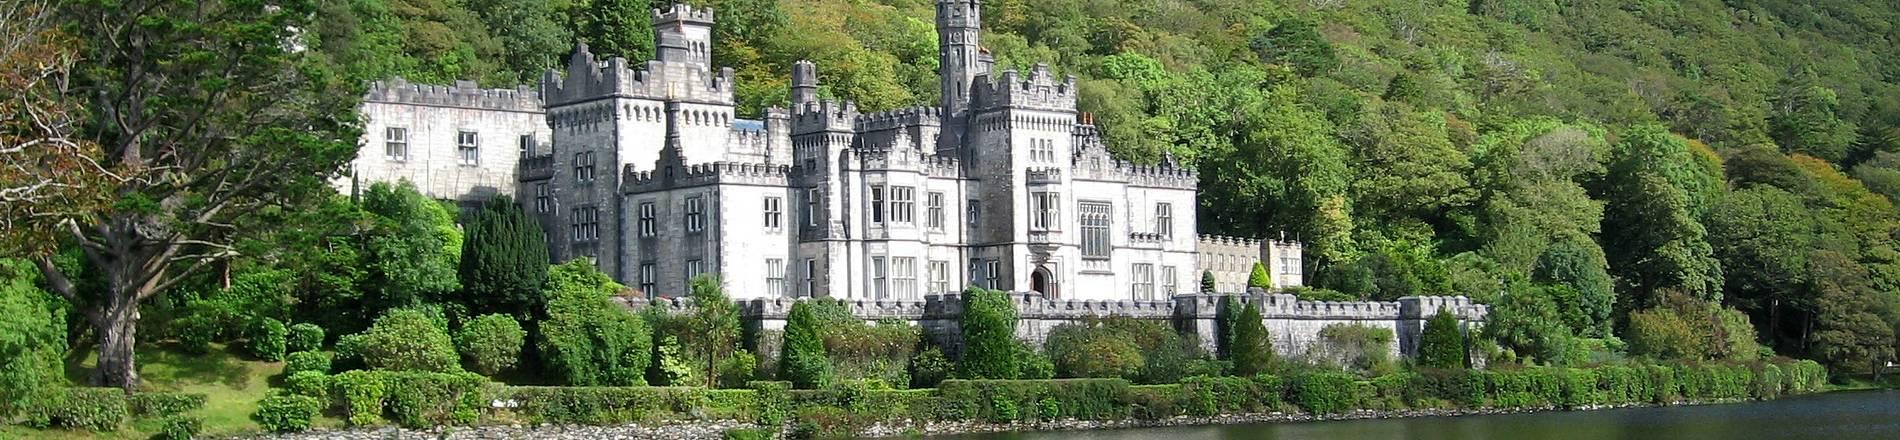 Irsko mjesto za upoznavanje putnika